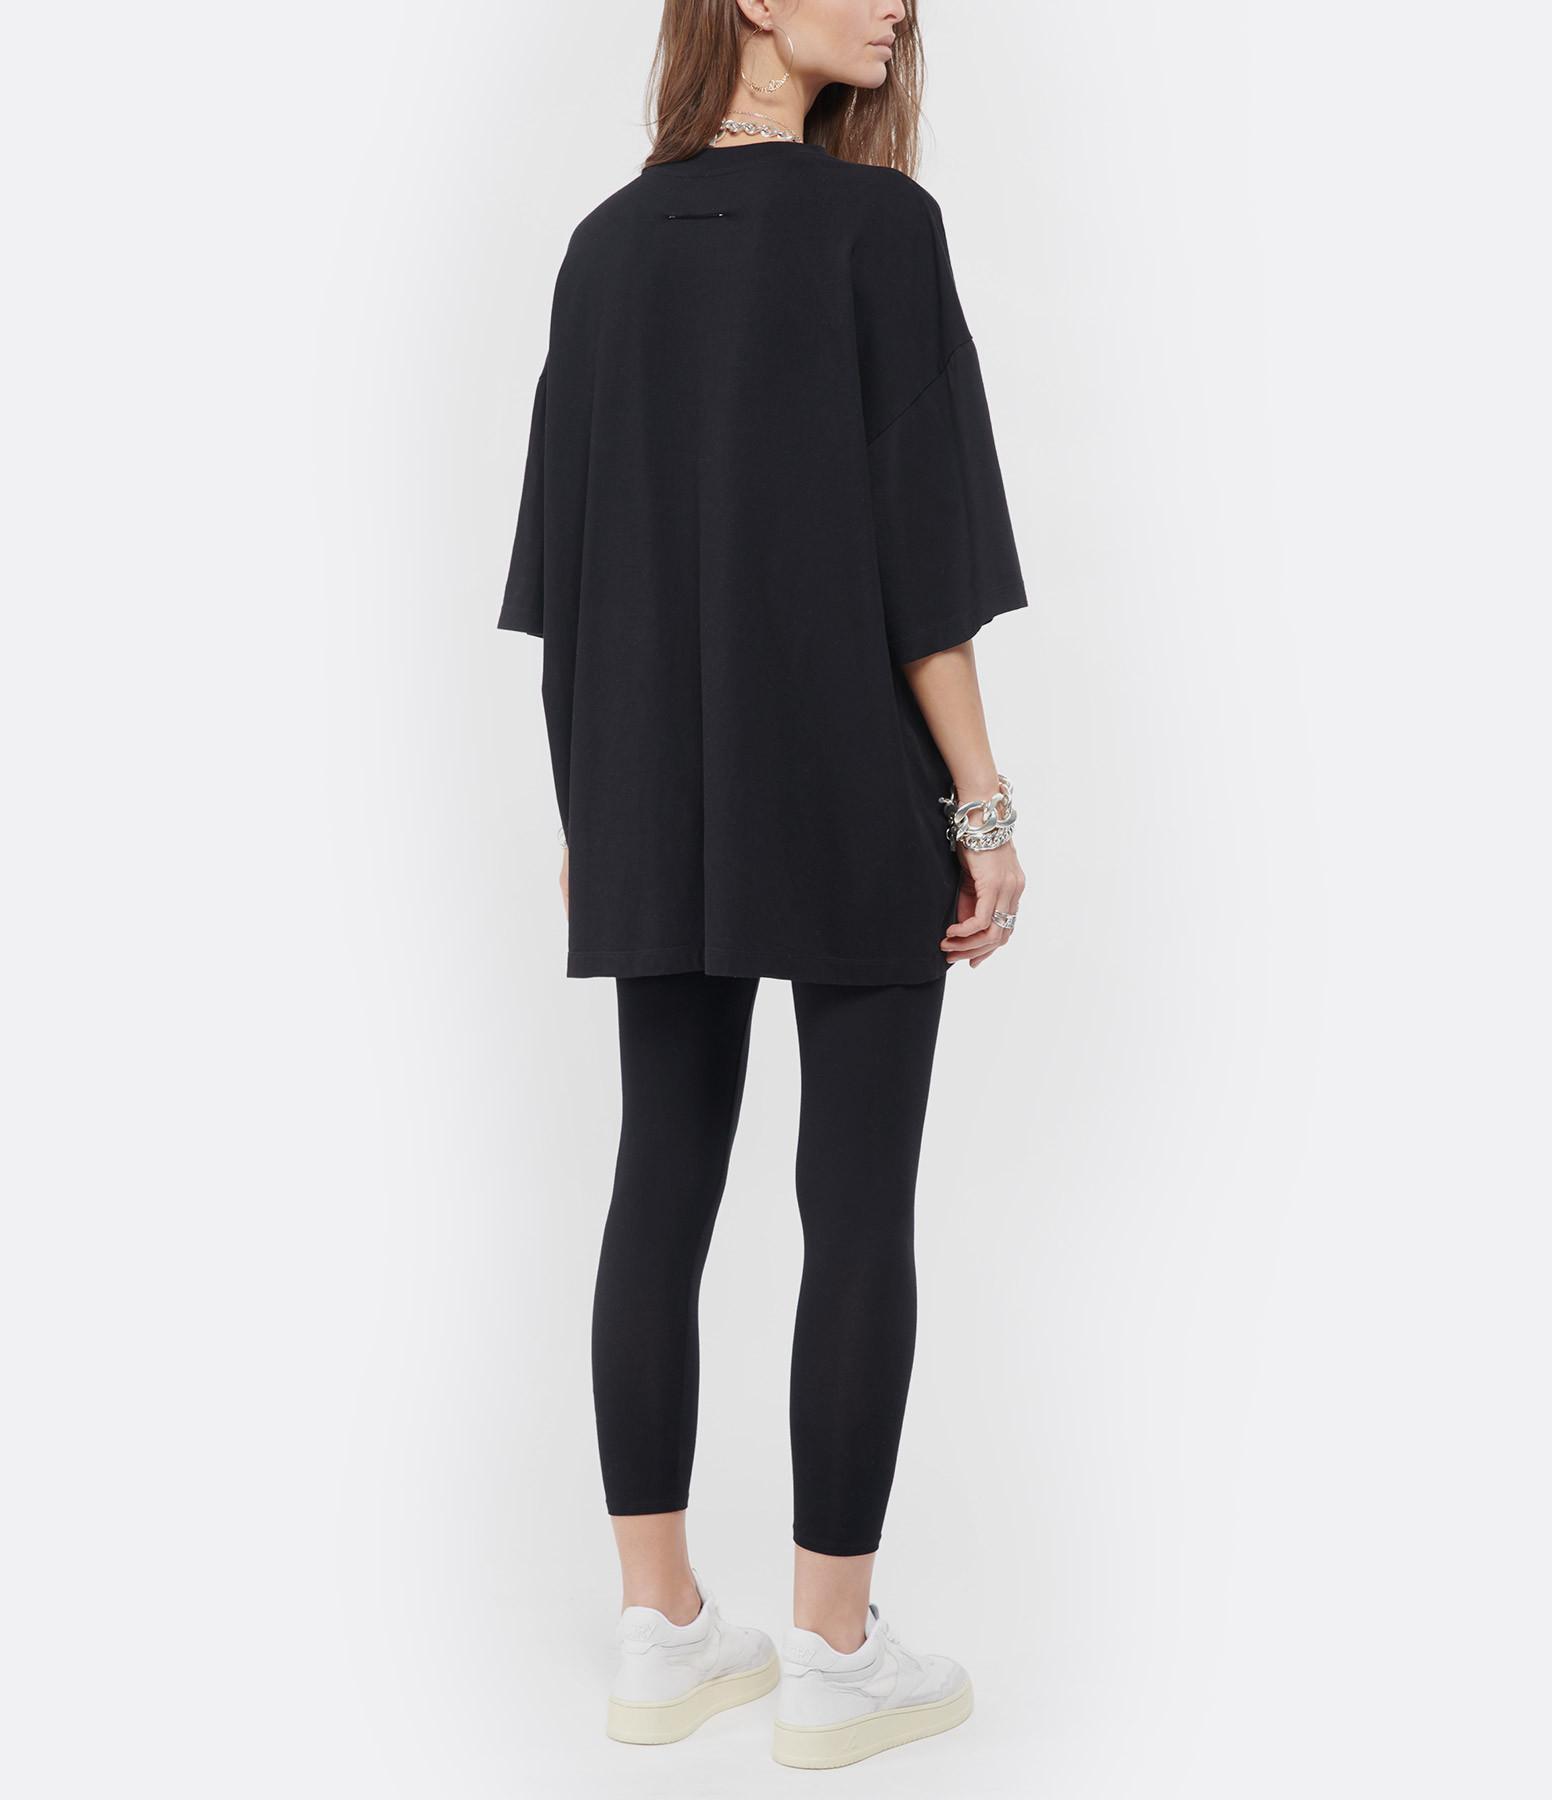 MM6 MAISON MARGIELA - Tee-shirt Oversize Jersey Noir